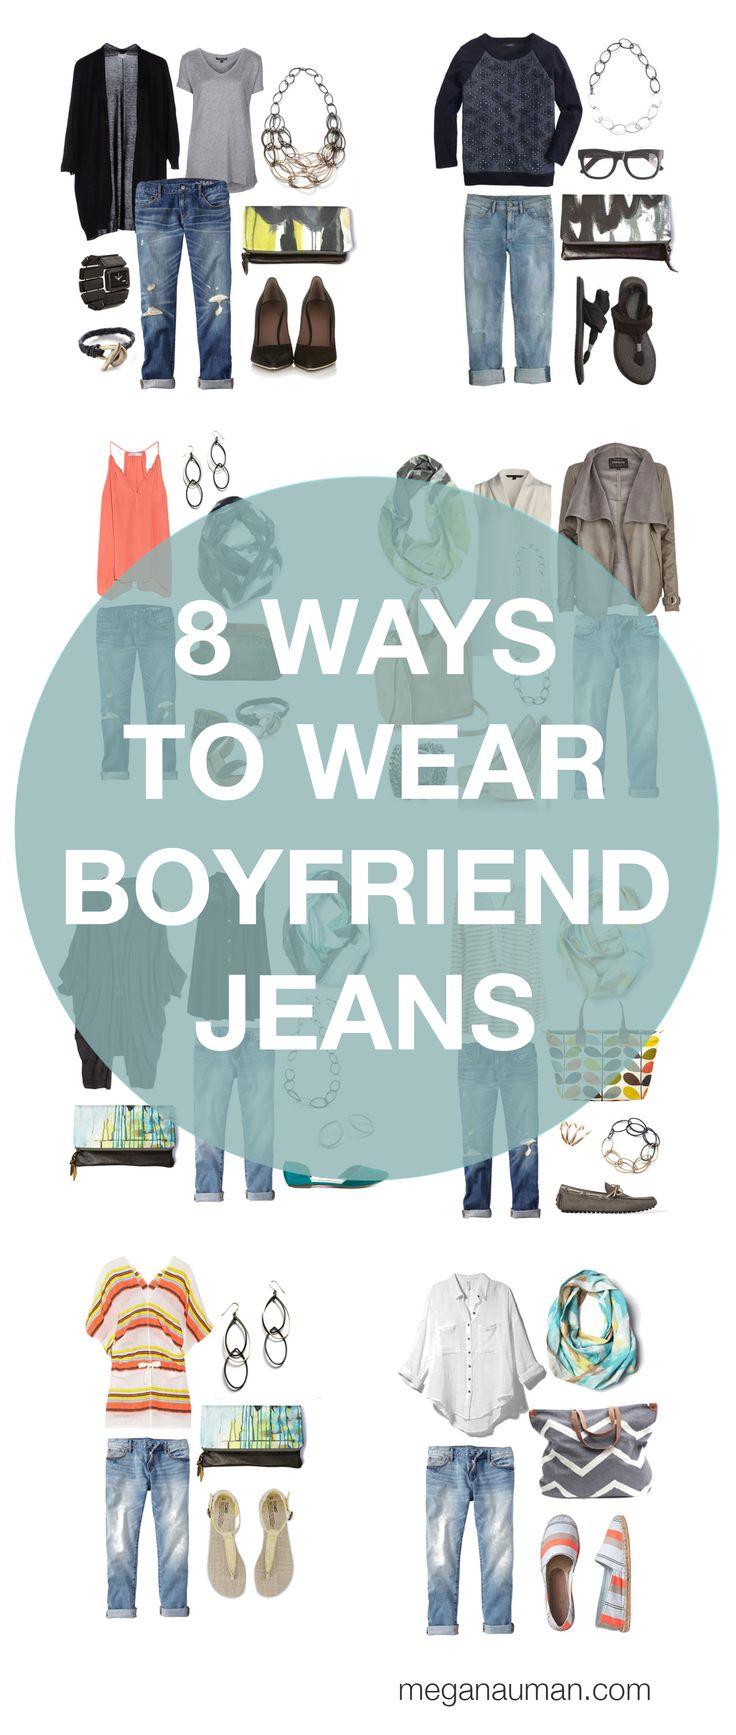 Dress up your boyfriend - Boyfriend Jeans Outfit Inspiration 8 Ways To Style Your Boyfriend Jeans By Megan Auman